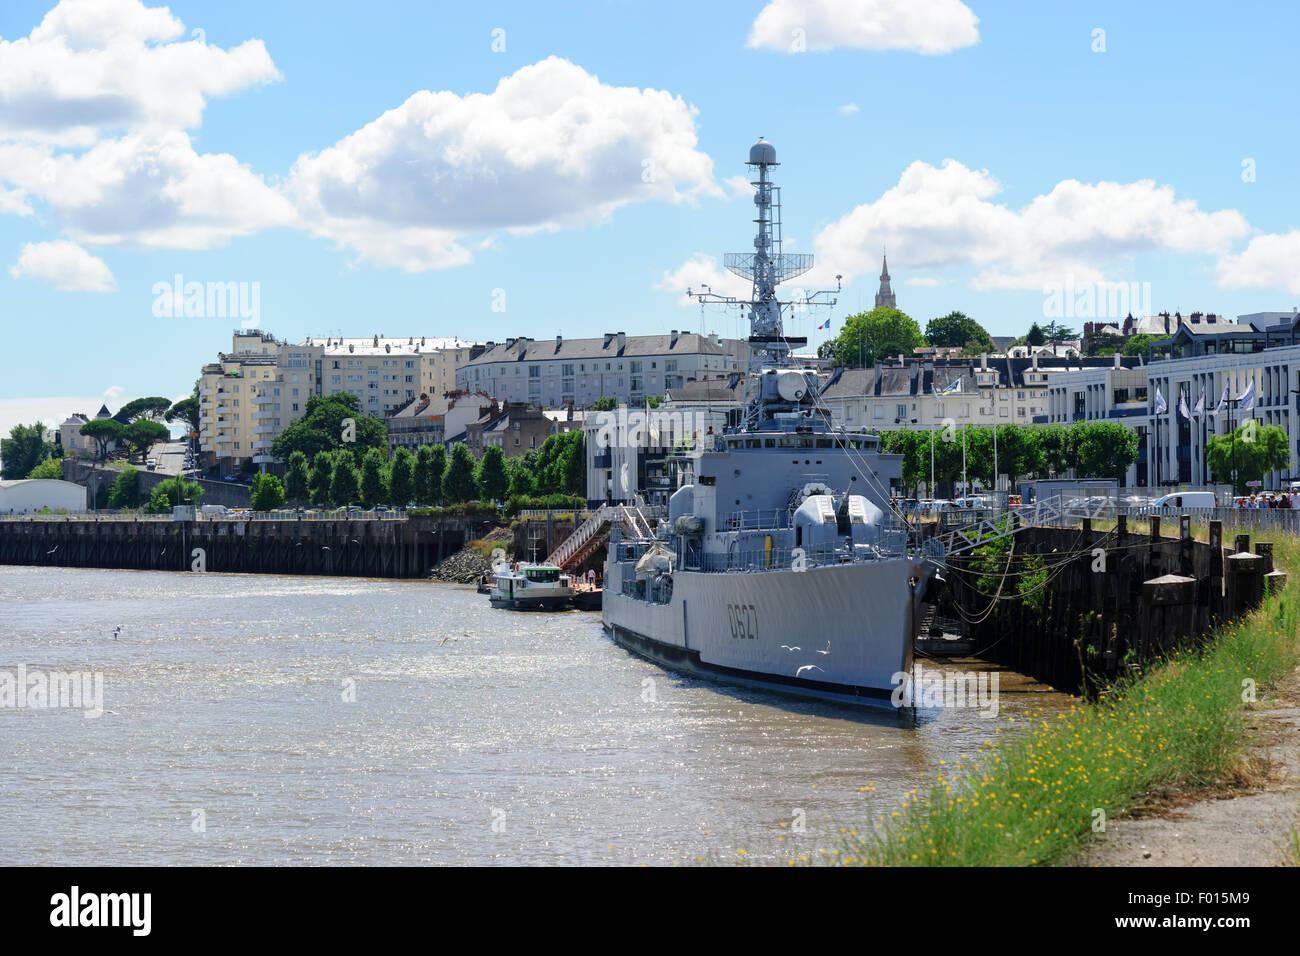 Que Faire Dans La Ville De Nantes Avec Une Courtisane De Luxe ?